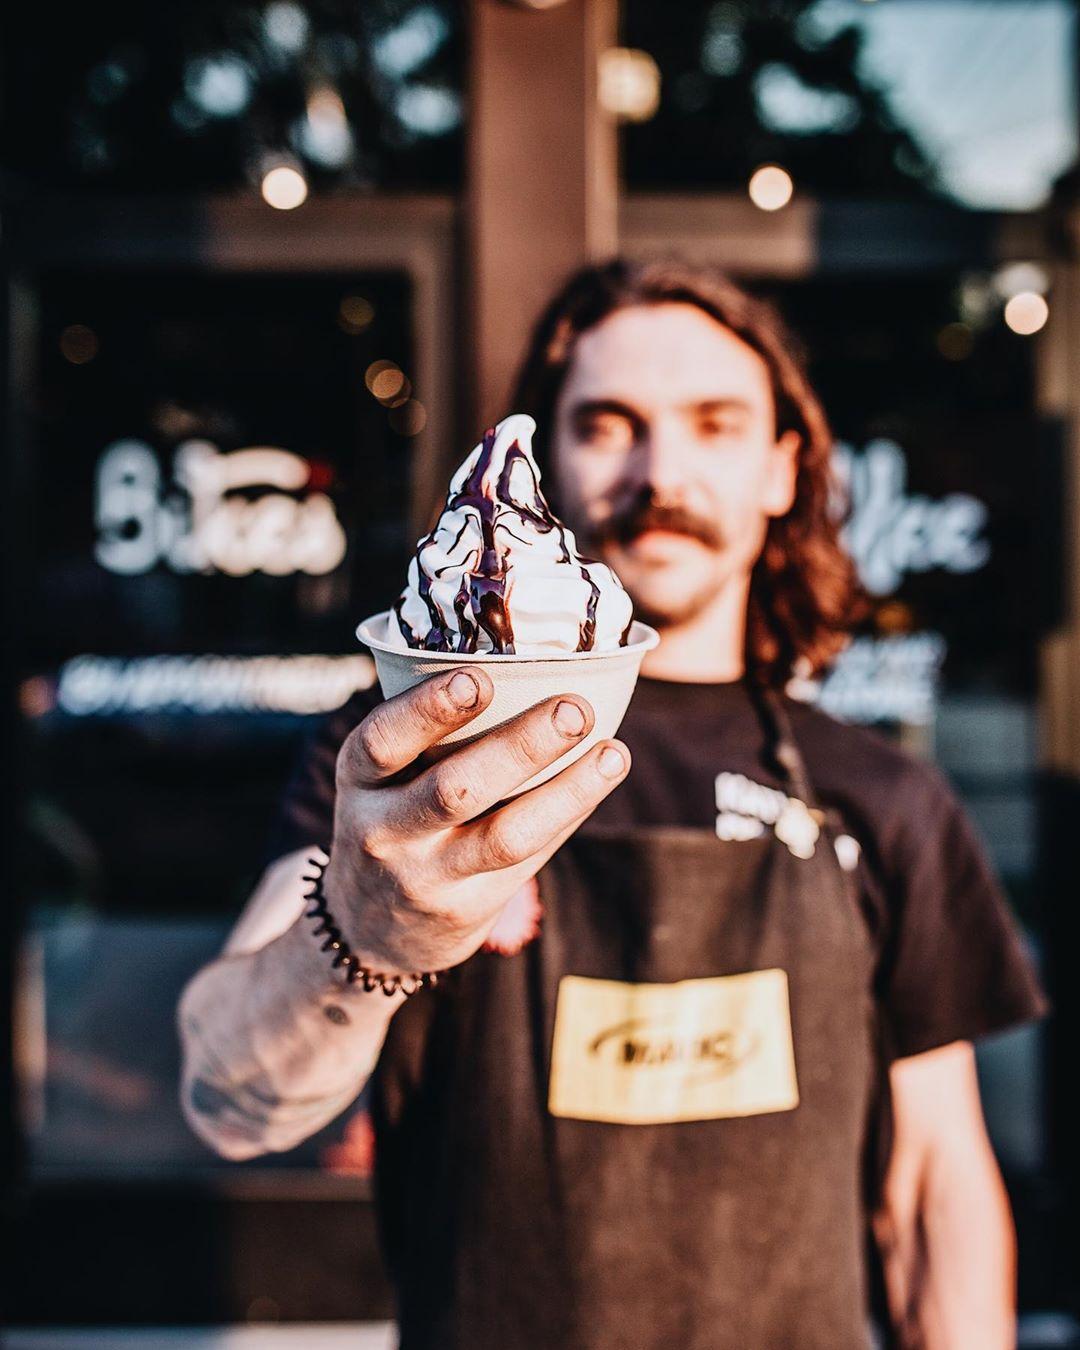 vegan ice cream.jpg